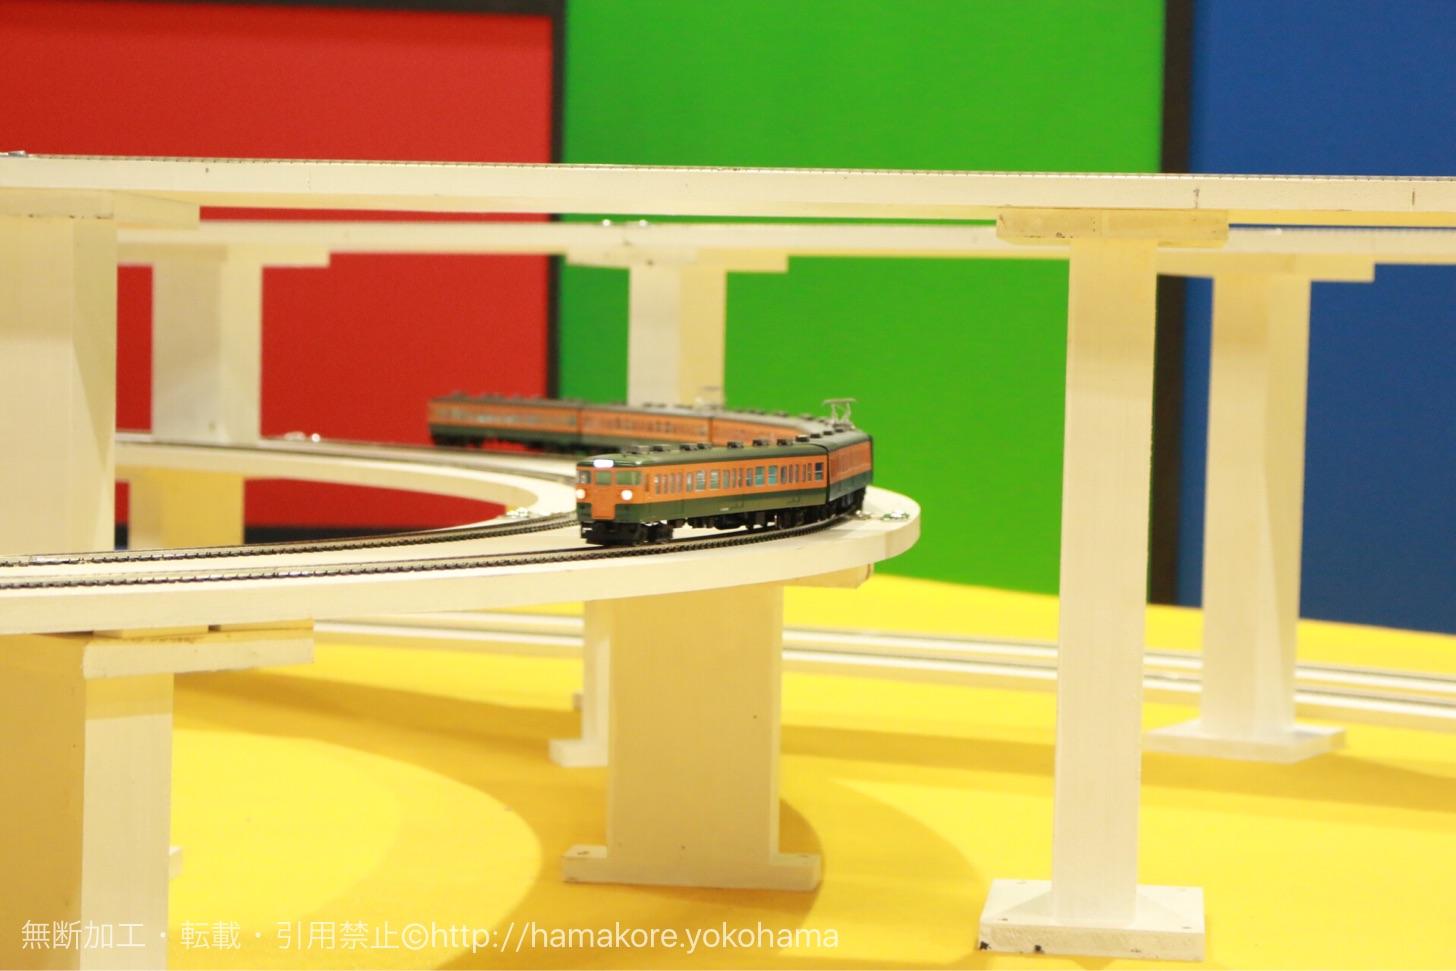 ジオラマ上の電車